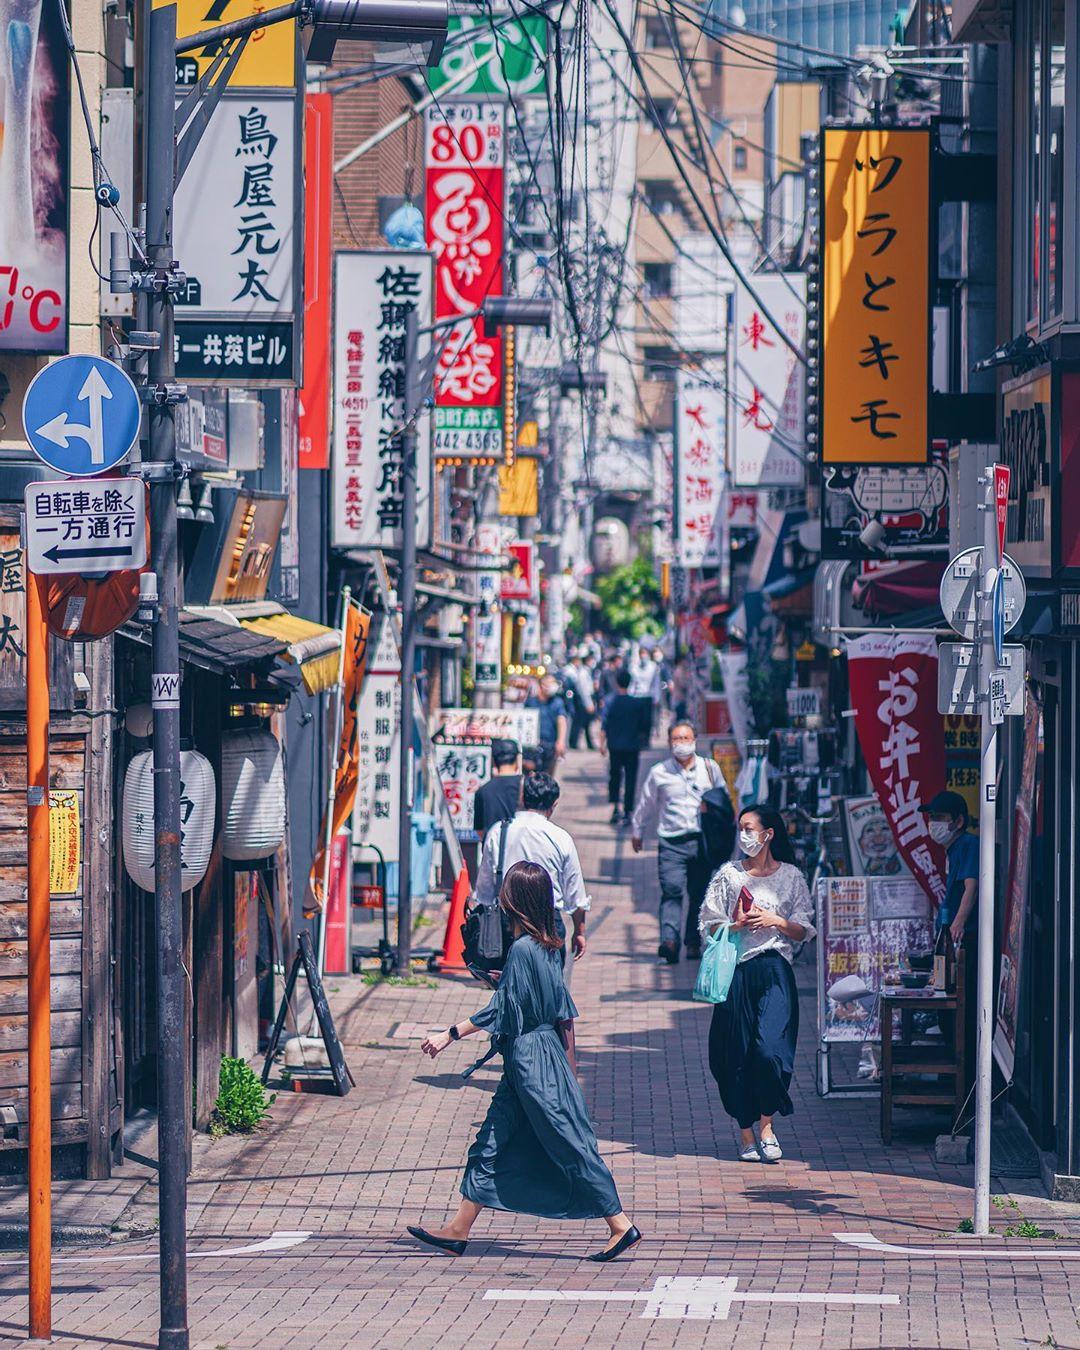 Shōtengai